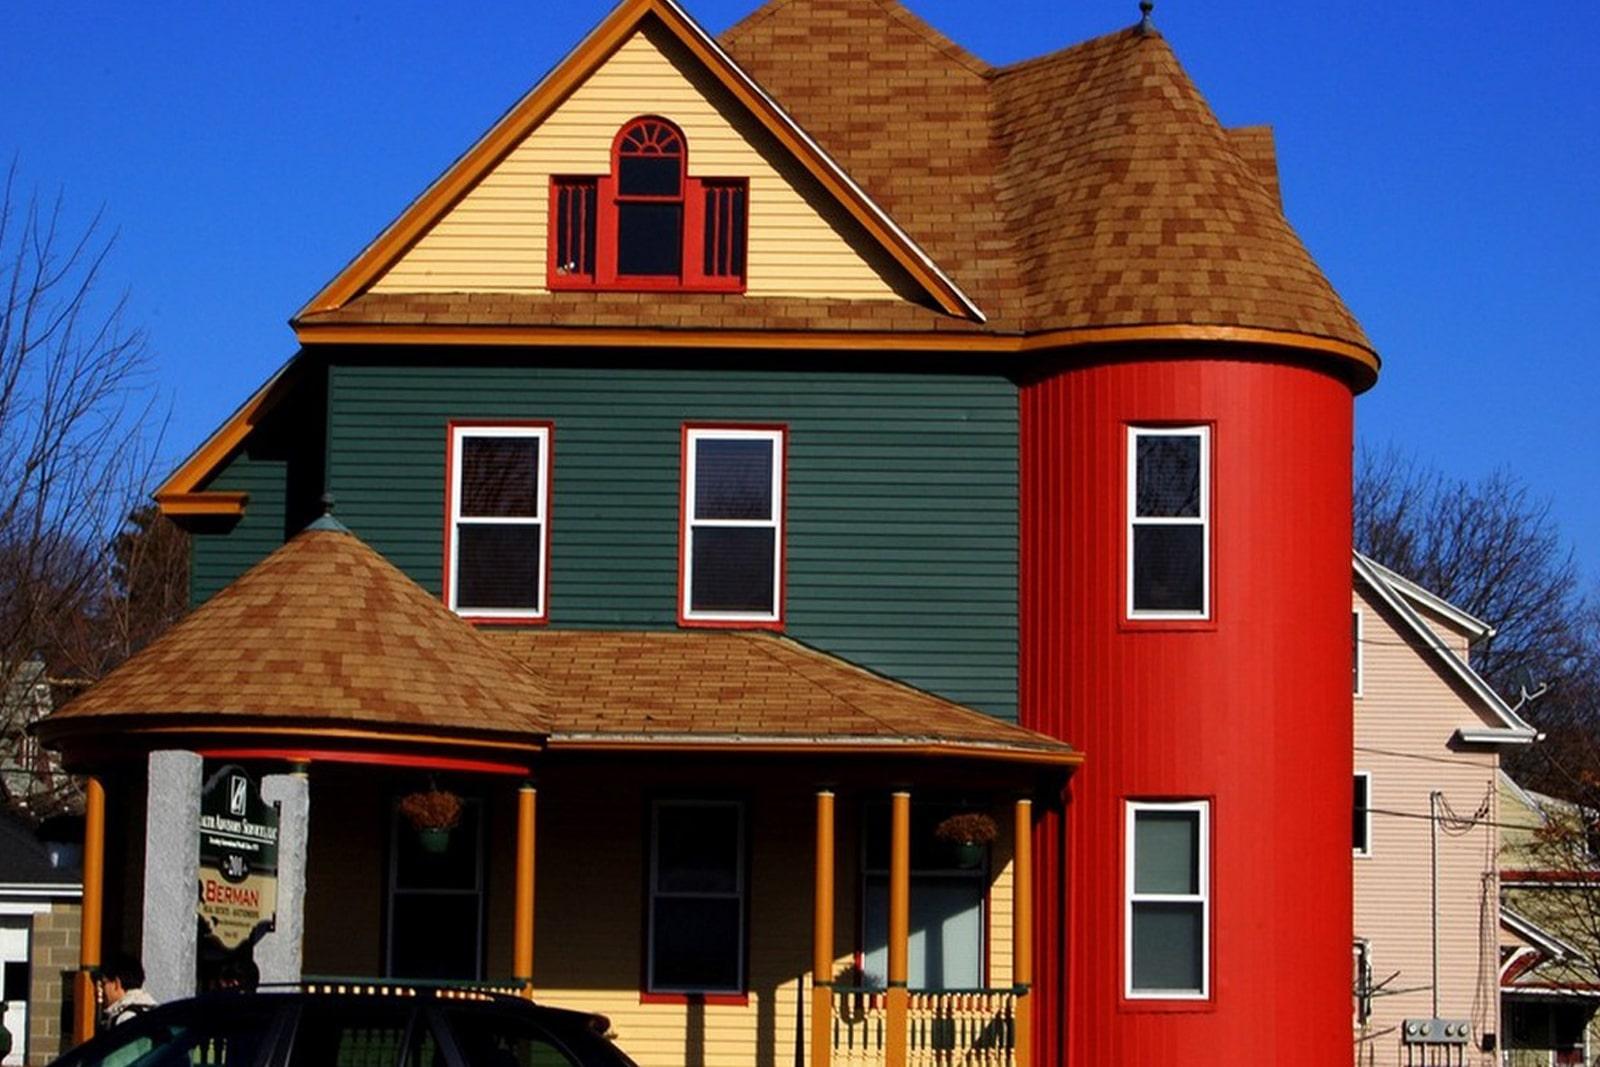 фасадная краска по дереву оттенки красного фото бриллианта случаются